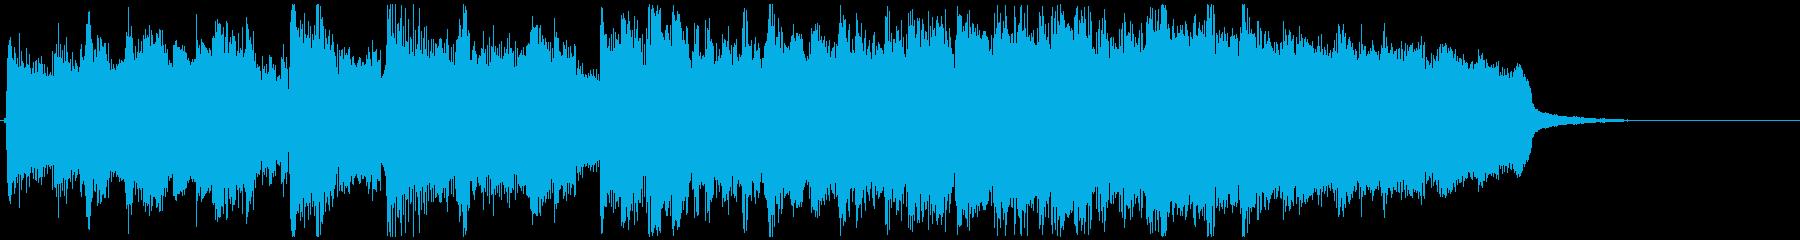 だんだん高揚感が増していく15秒ジングルの再生済みの波形